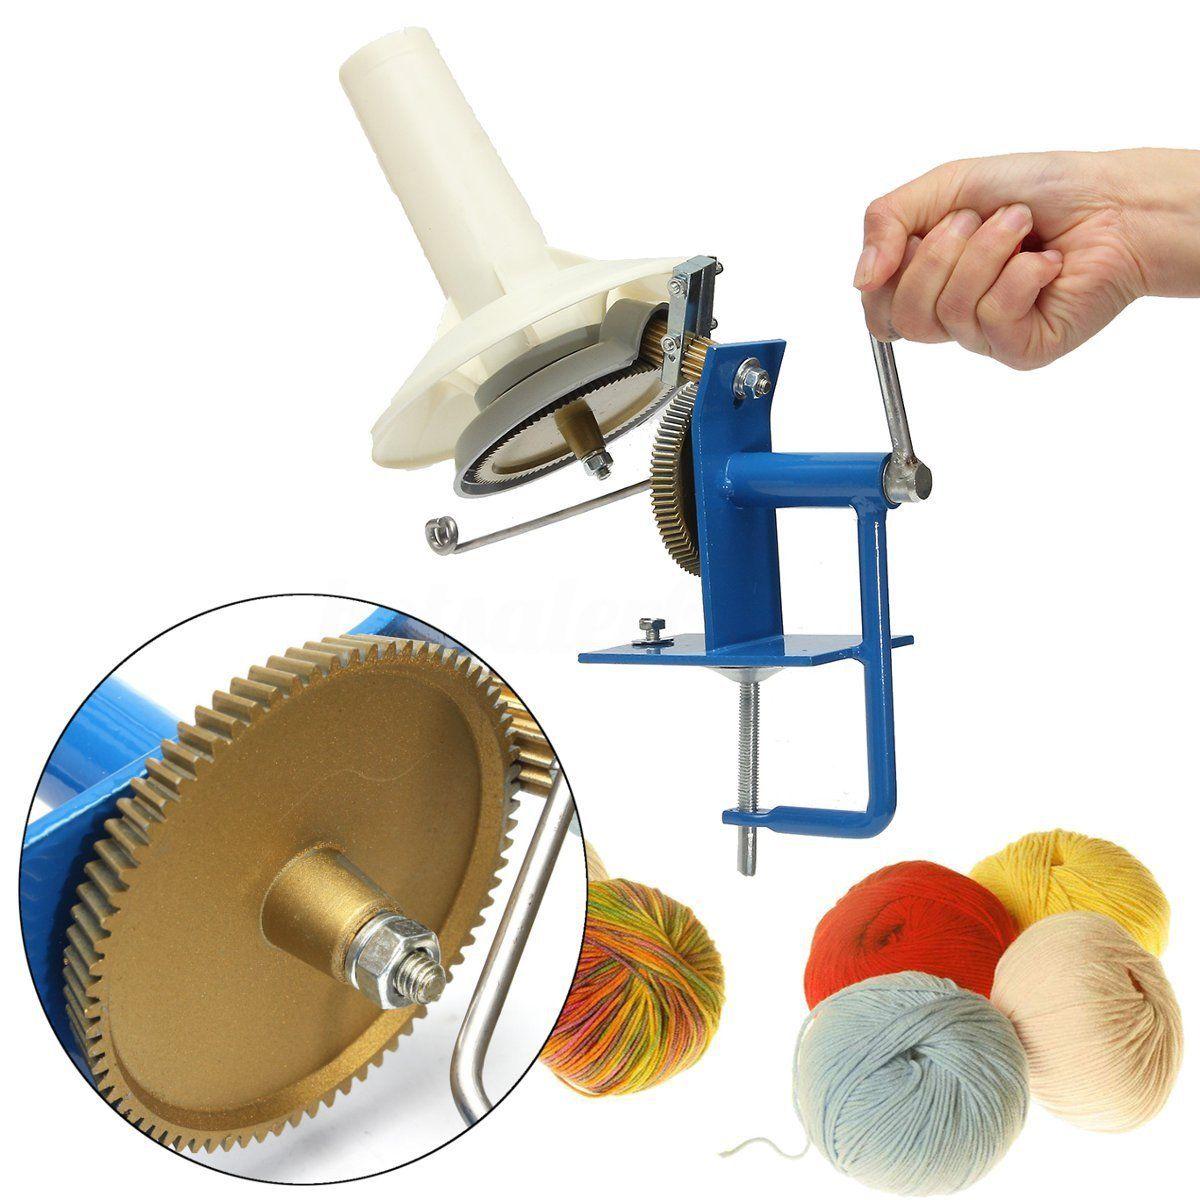 Manual de mano operado de bobinadora de hilo de fibra de lana Cadena de bola madeja de máquina de alta calidad de lana bola de hilo bobinado